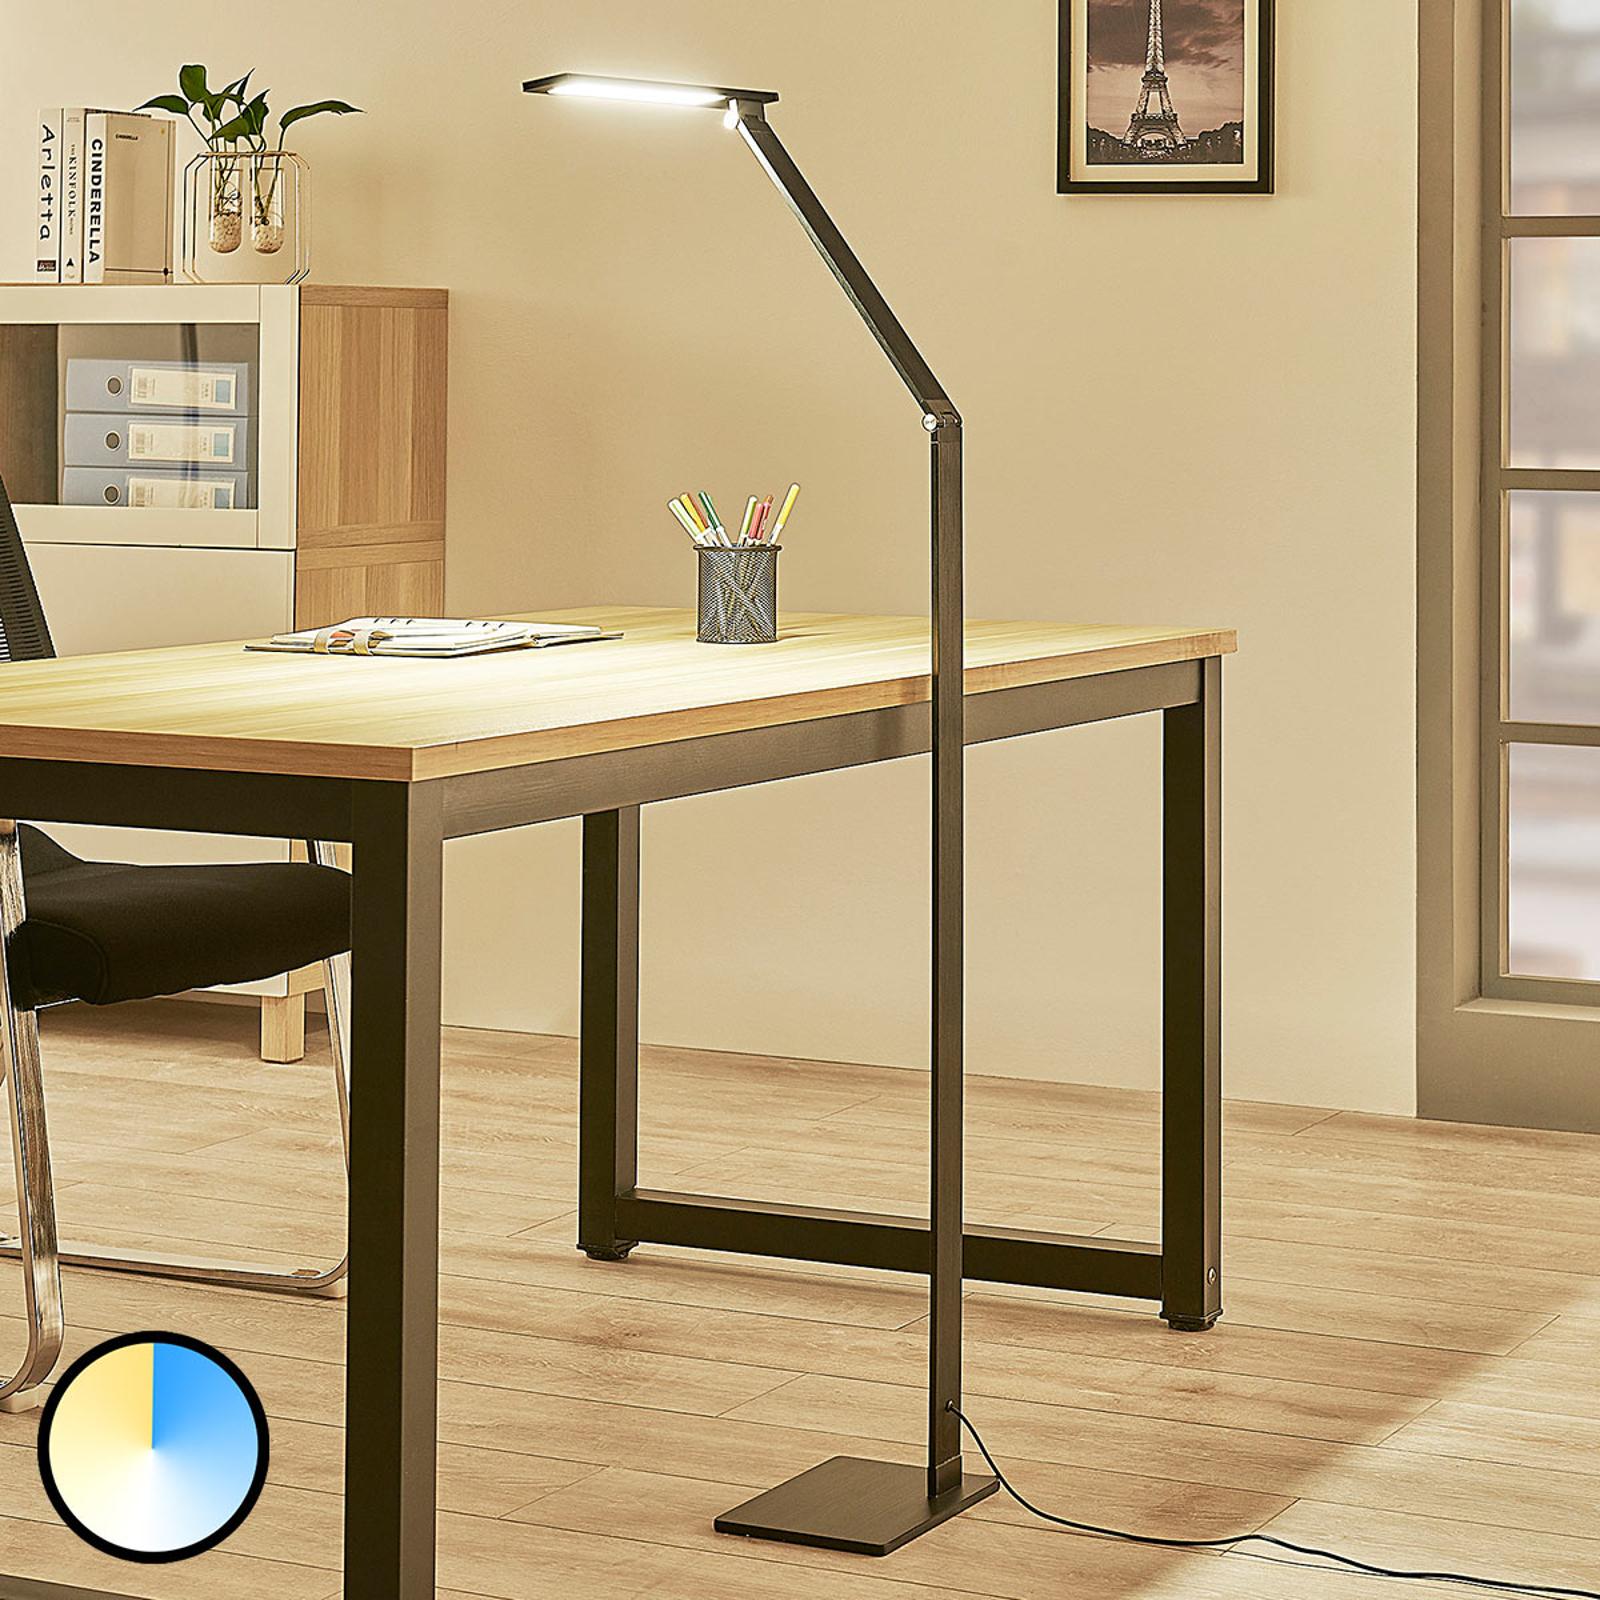 Lámpara de pie LED Salome atenuable color variable